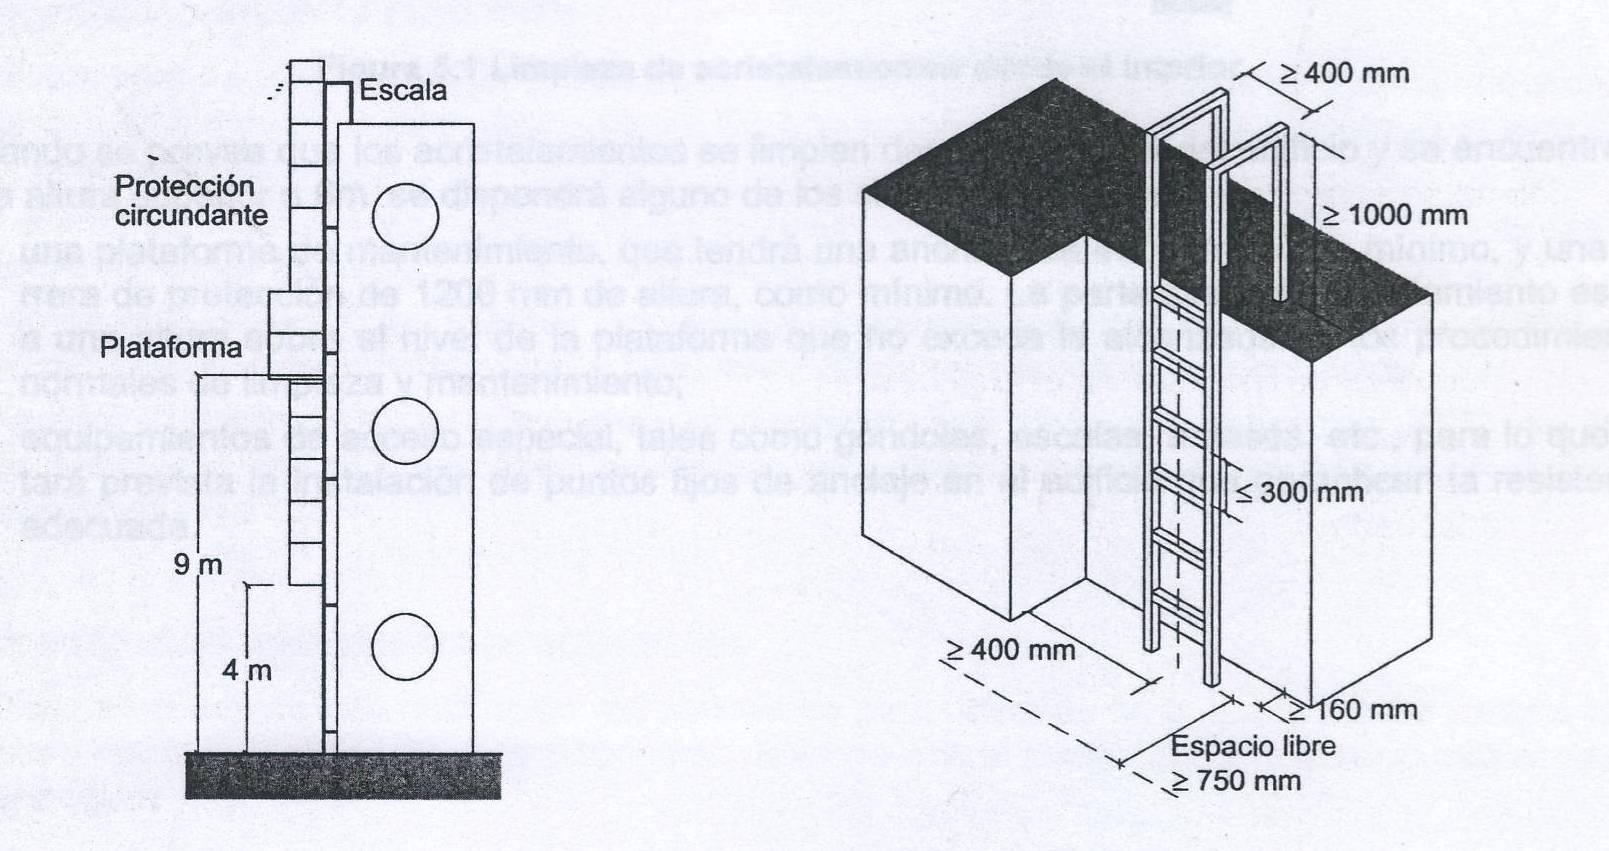 normas de seguridad para escaleras fijas en colombia